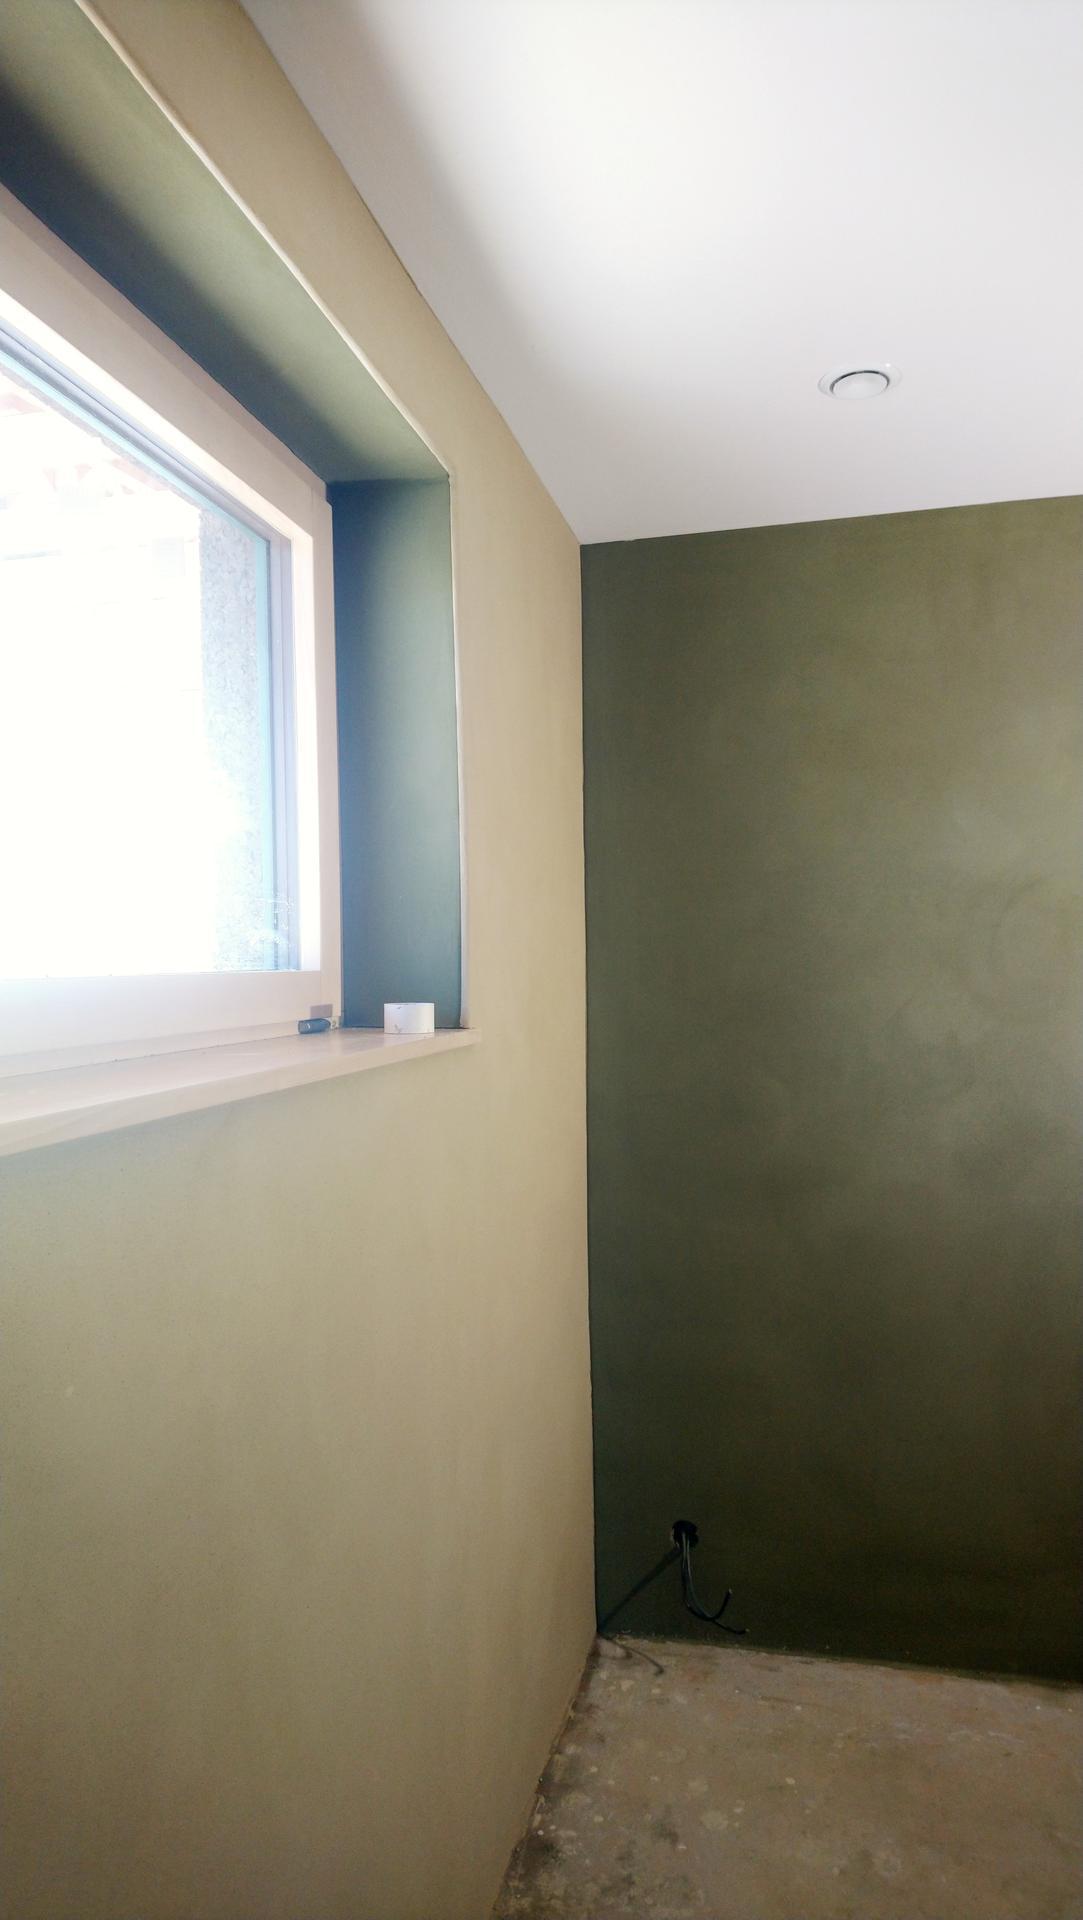 Hlinené omietky - Rovnaký postup je aj pri farebnom prechode steny. Jedna vrstva musí byť suchá a velku časť hotovej steny treba zakryť igelitom. Zákon schválnosti platí dokonalo a pri nanášani omietky vedia malé kvapky prasknúť pomerne daleko